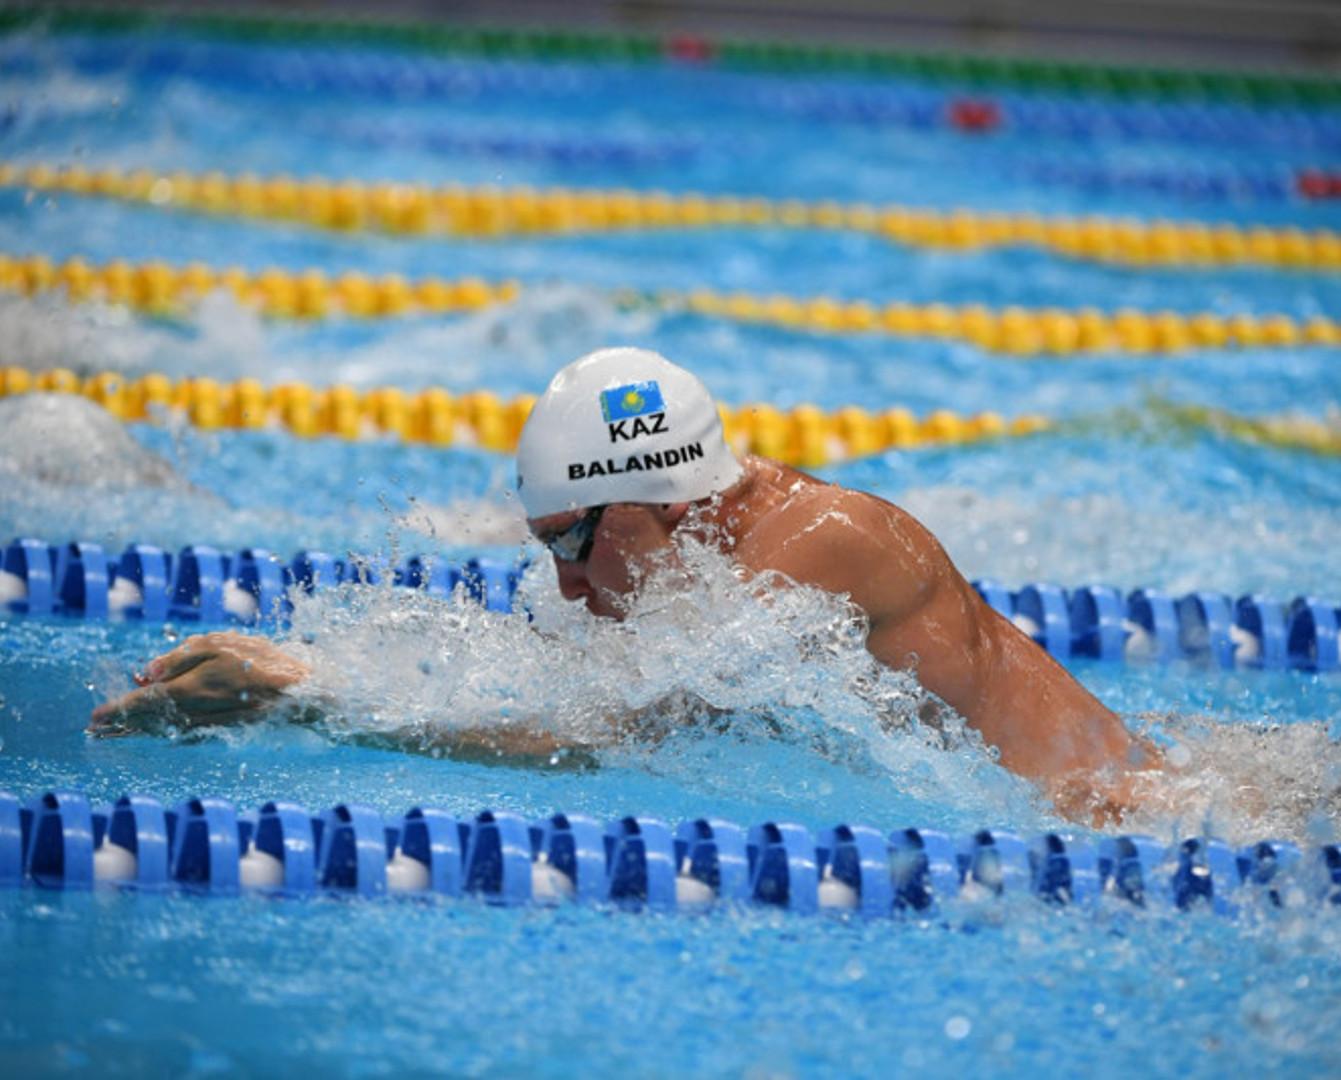 Дмитрий Баландин Токио Олимпиадасына жолдама алды